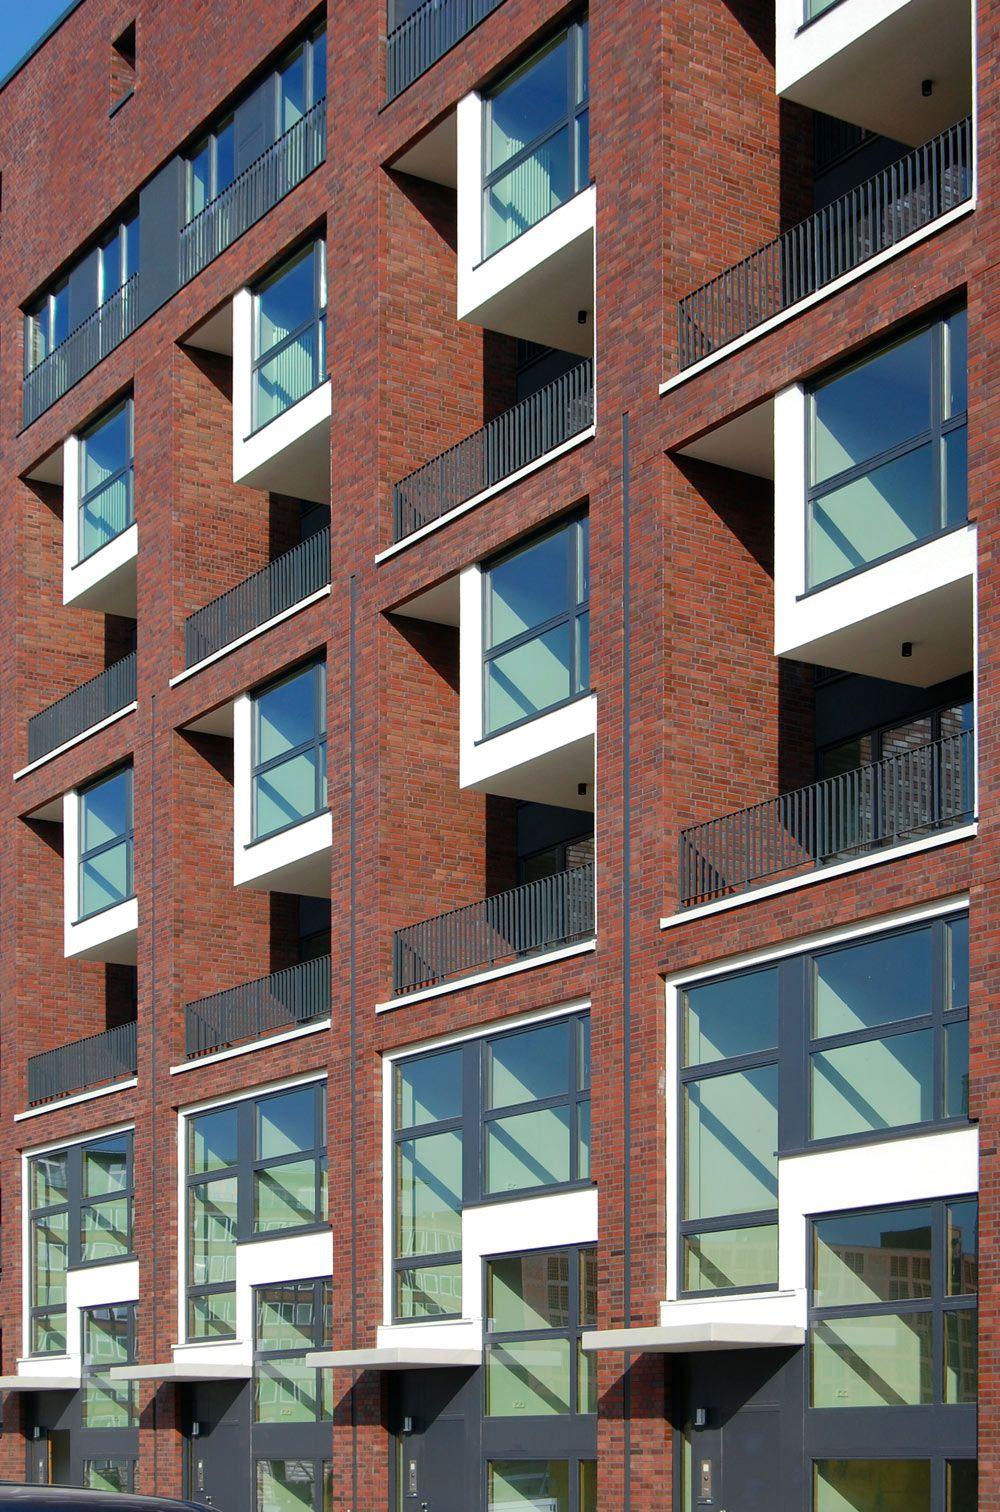 Moderne wohnarchitektur wohn und geschäftshaus pacamara fassadendetail foto axel neubauer